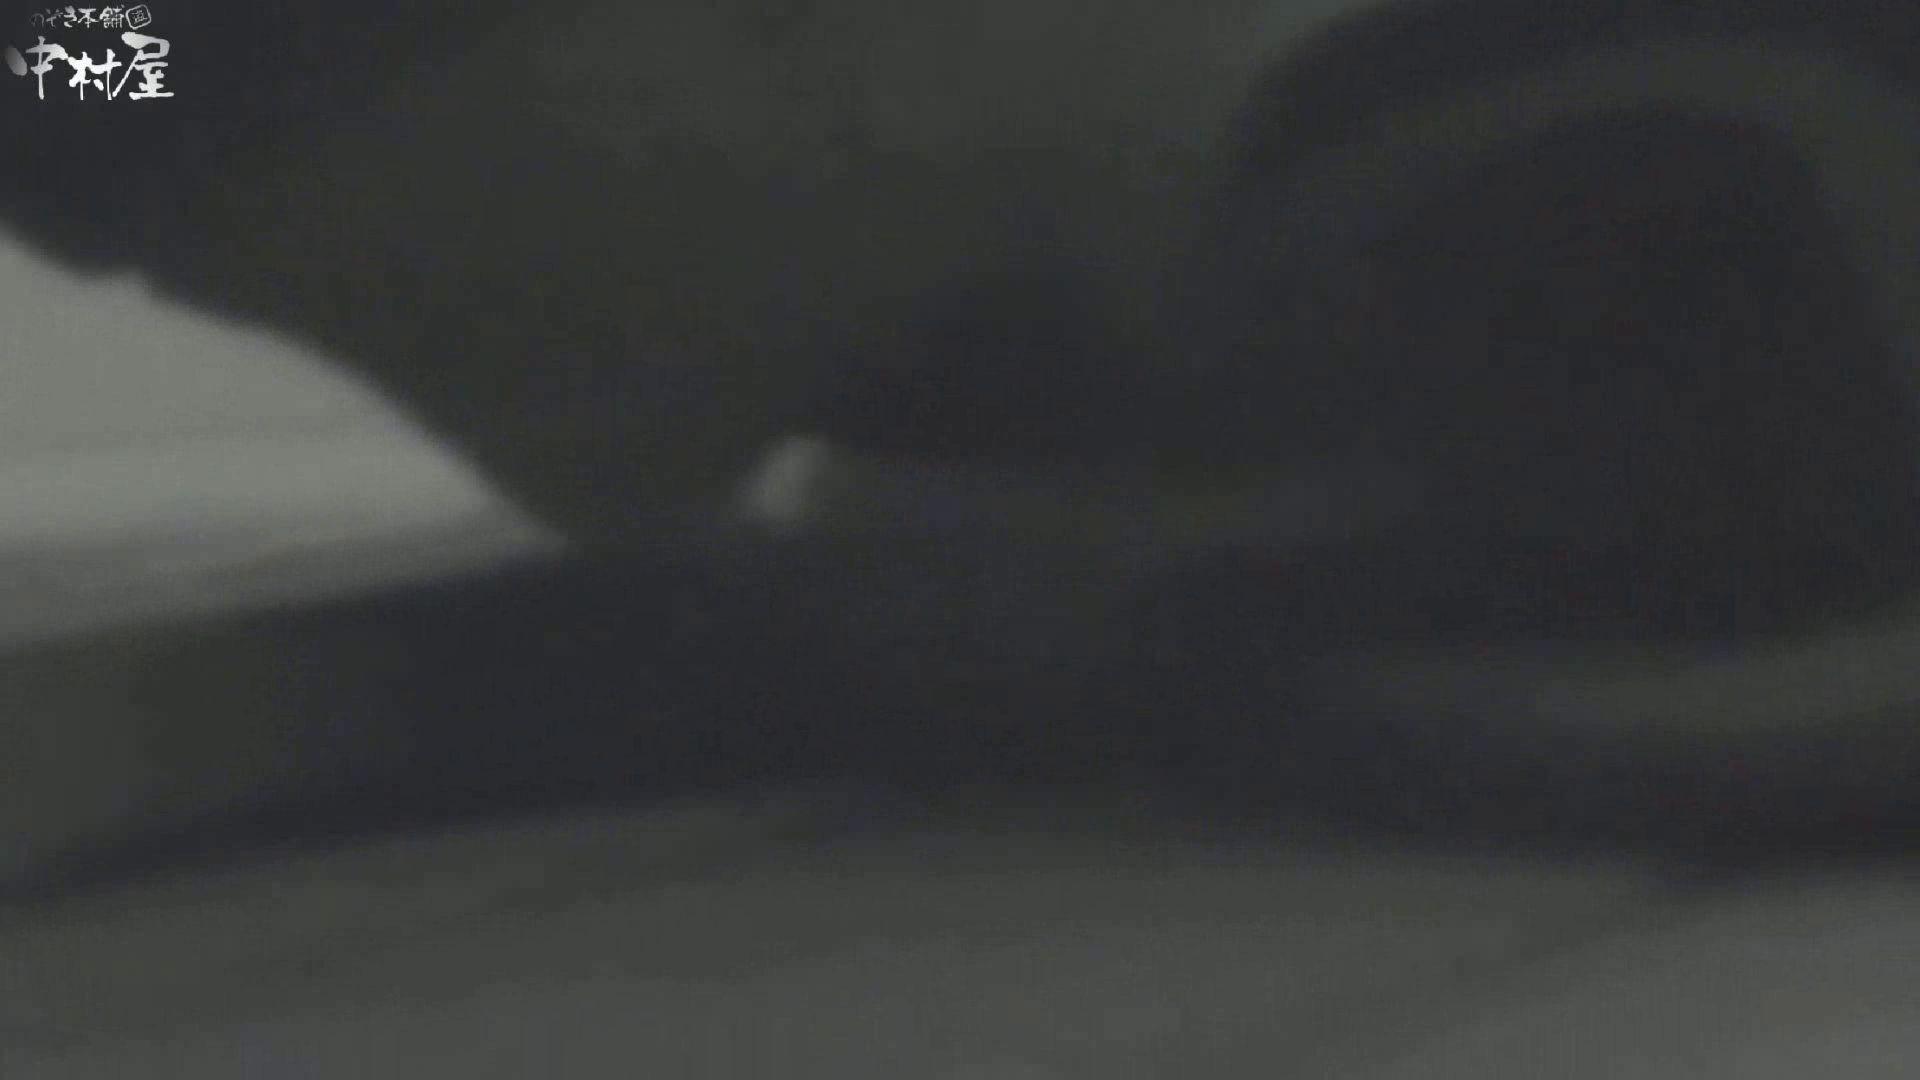 解禁!海の家4カメ洗面所vol.08 美しいOLの裸体 | 現役ギャル  107pic 21